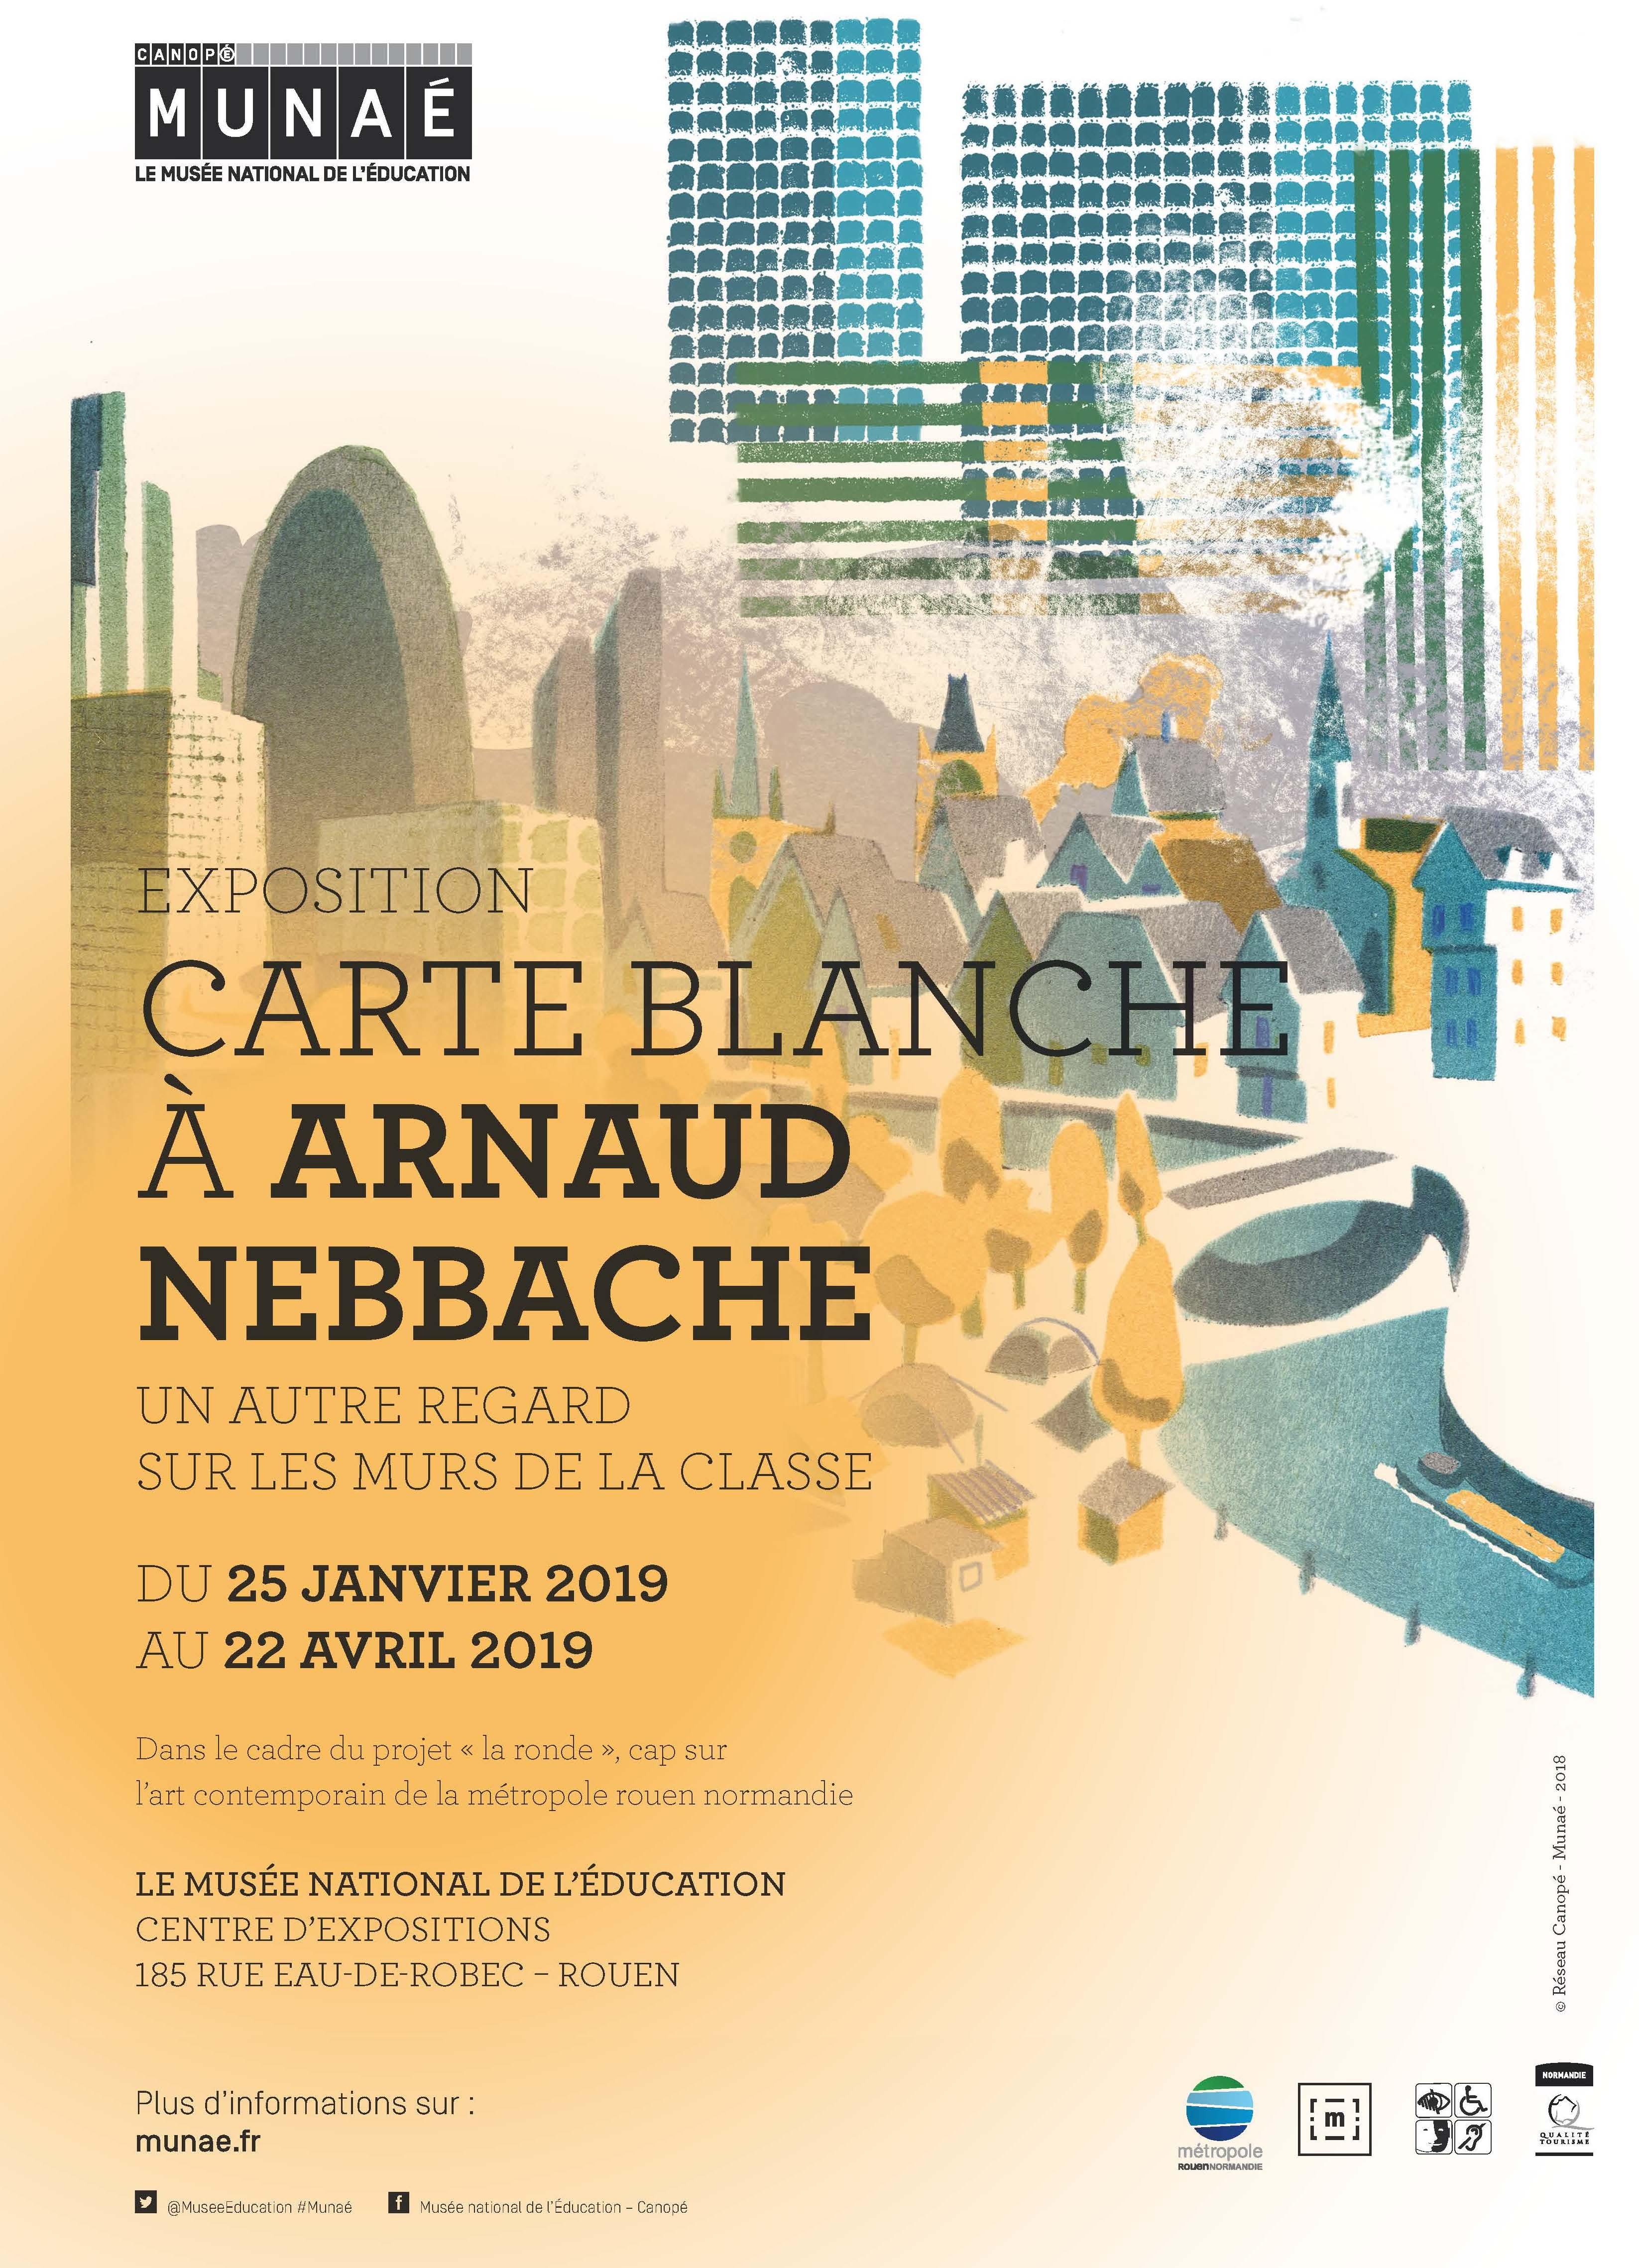 Exposition Carte Blanche A Nebbache Illustrateur Jeunesse 2019 Rouen Seine Maritime